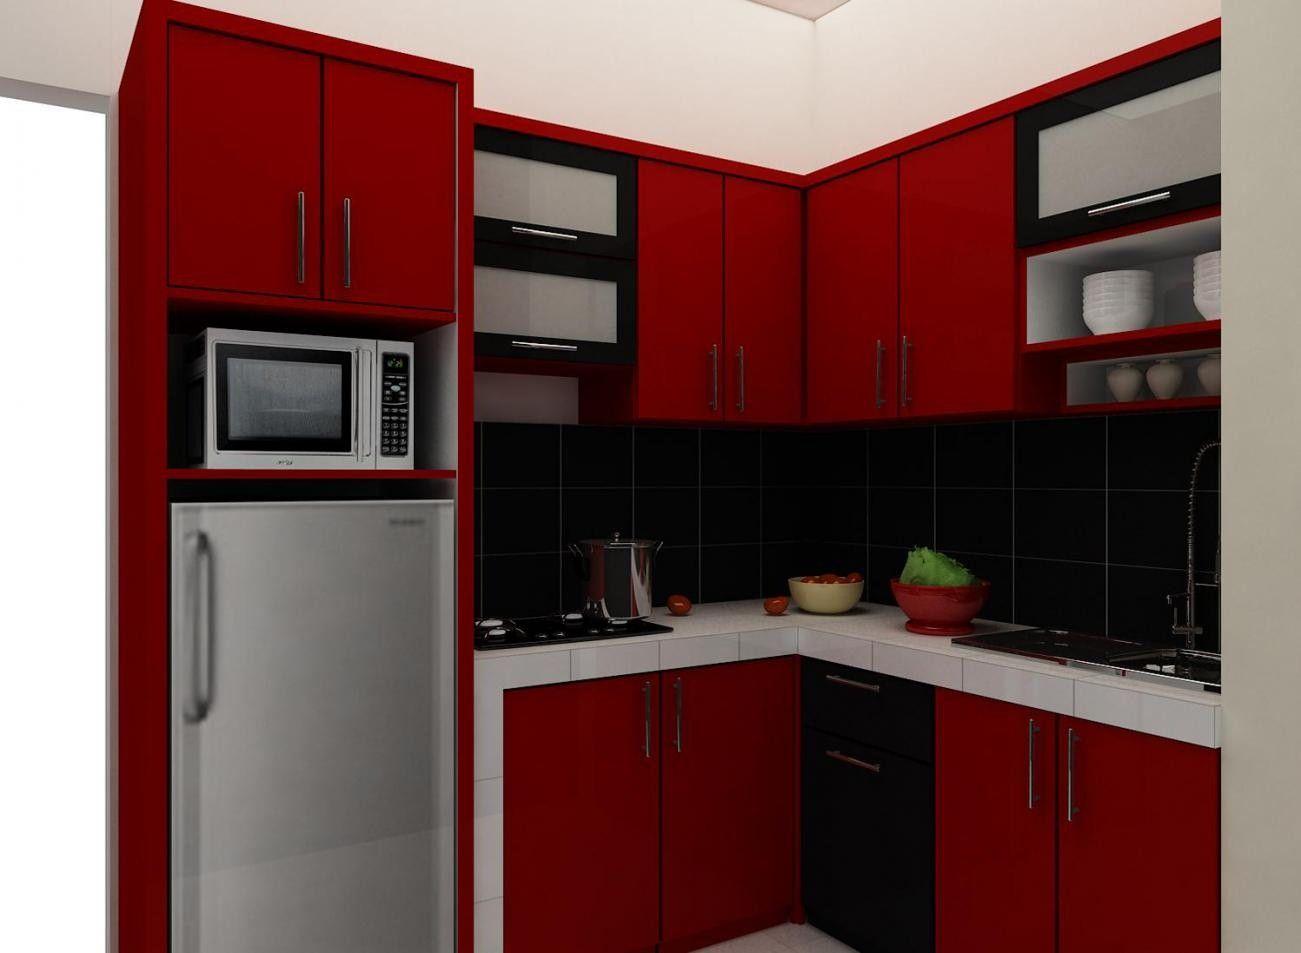 Menata Interior Desain Kabinet Dapur Rumah Mungil Minimalis